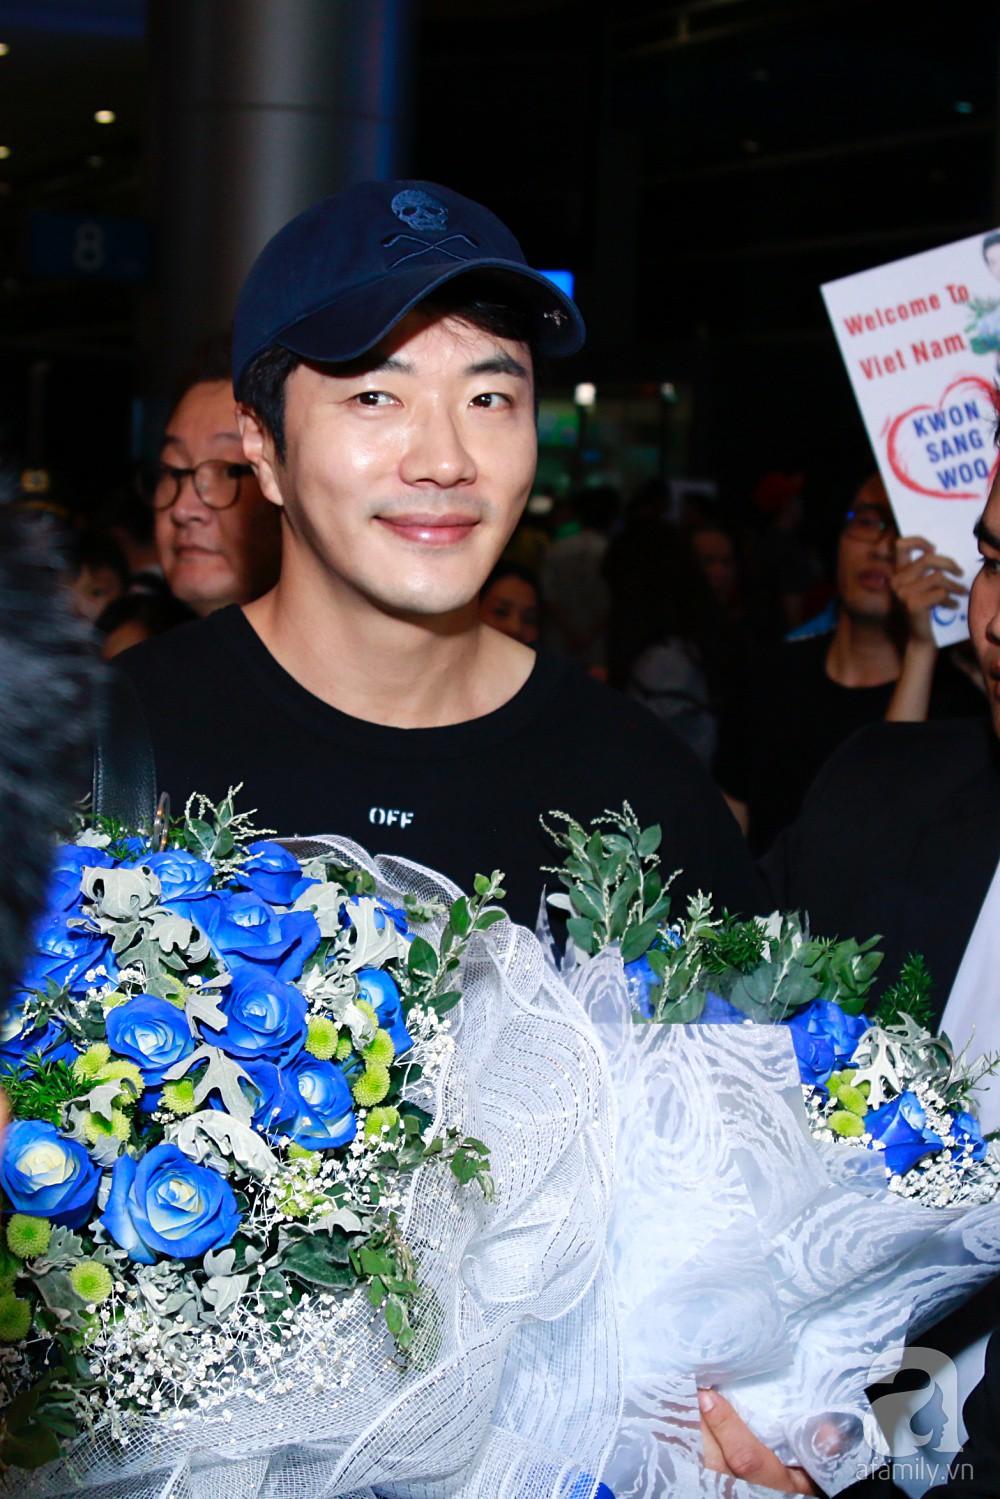 Chỉ diện quần jean áo phông đơn giản nhưng tài tử Kwon Sang Woo vẫn đẹp trai ngời ngời khi đáp chuyến bay muộn đến Việt Nam - Ảnh 14.